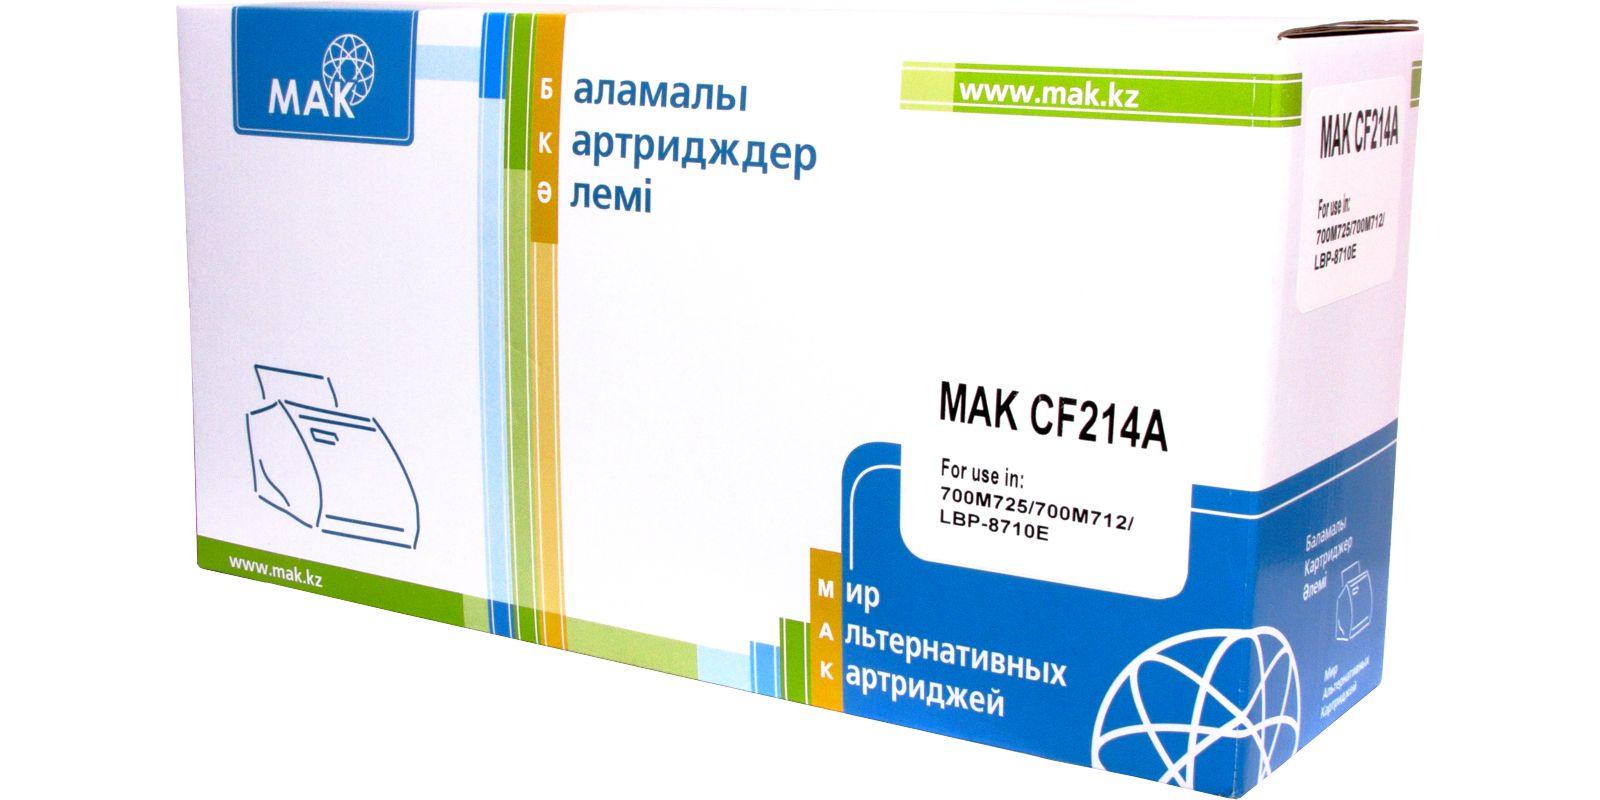 Картридж MAK© №14A CF214A, черный, для лазерного принтера hp laserjet enterprise 700 mfp m725f cf067a